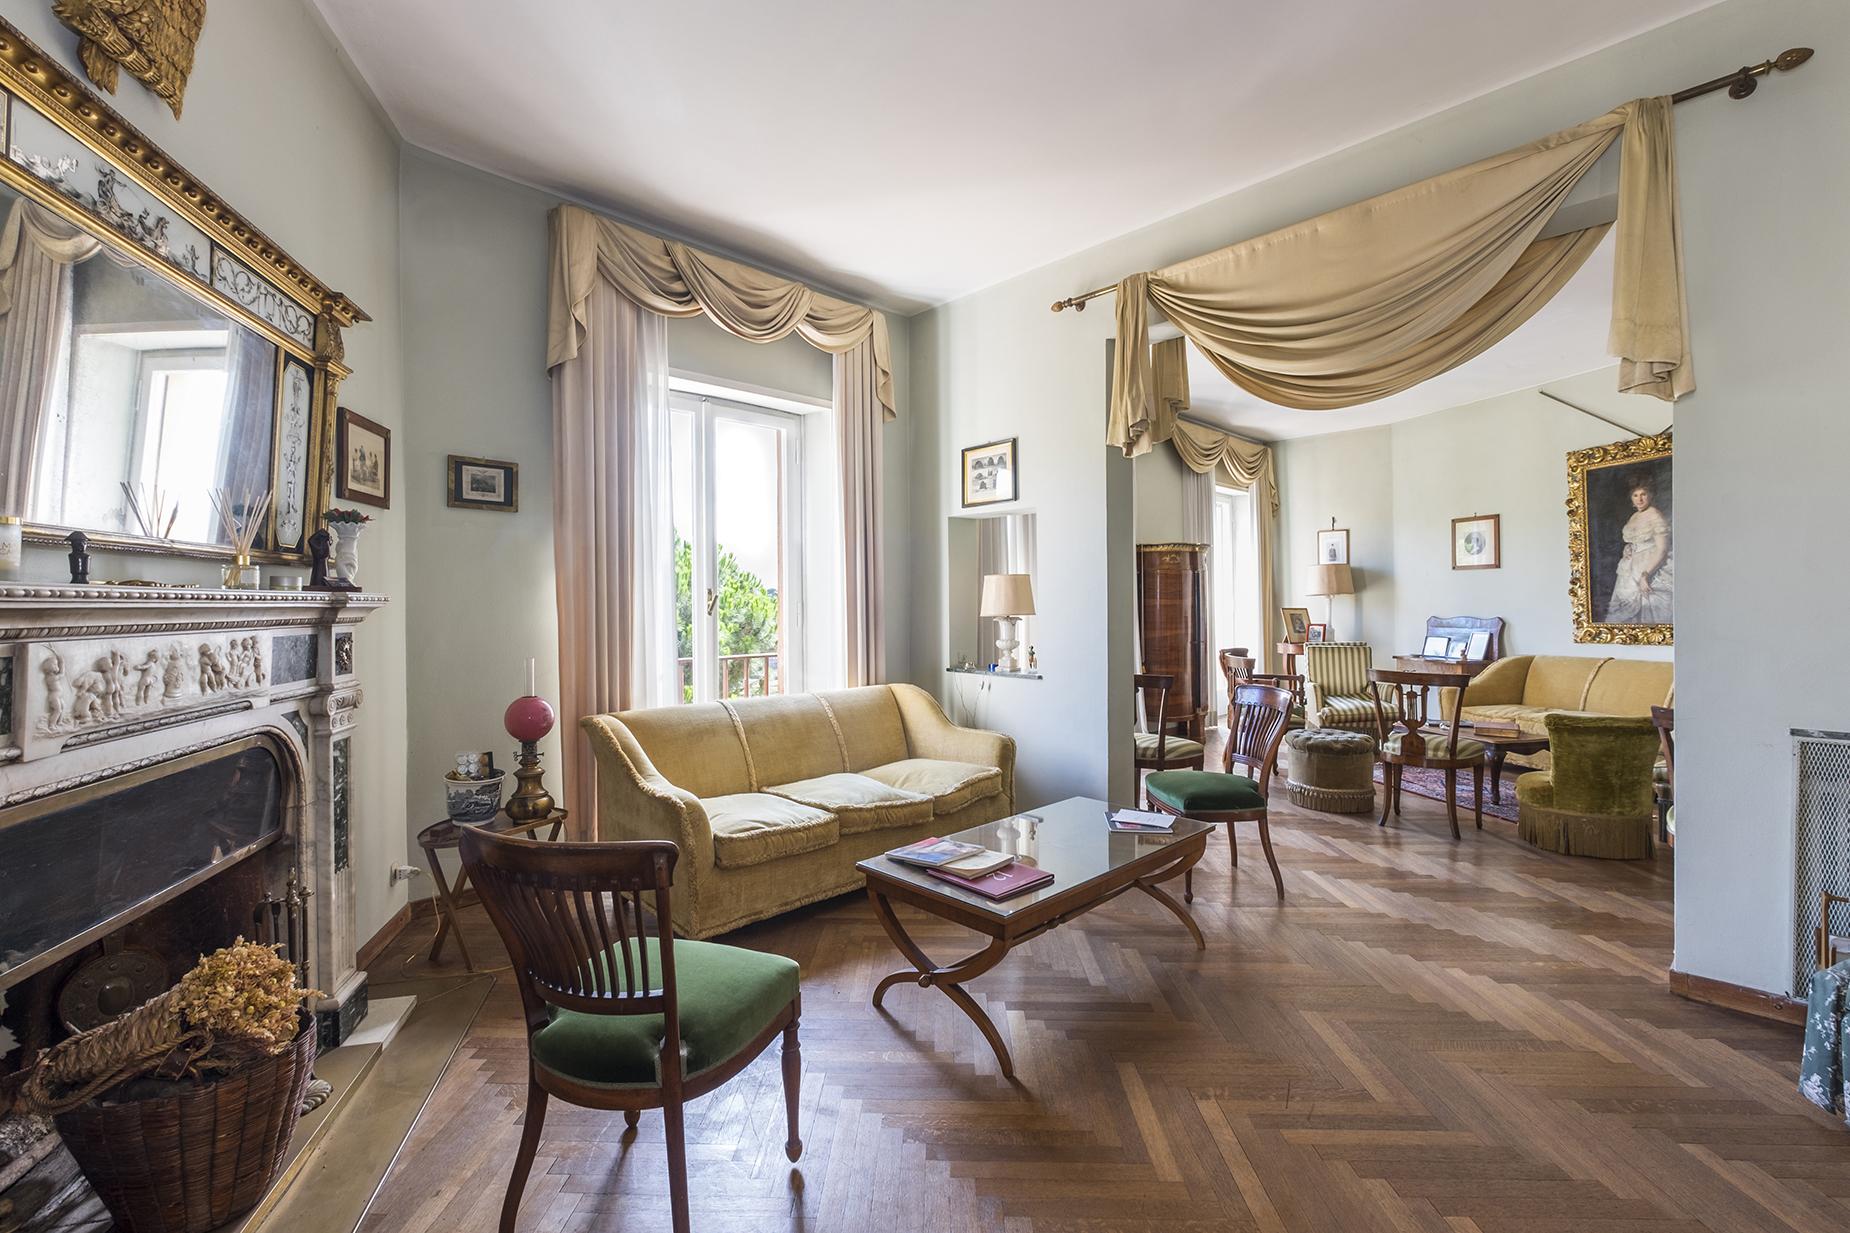 Appartamento di lusso in vendita a roma via del monte for Appartamento ufficio roma